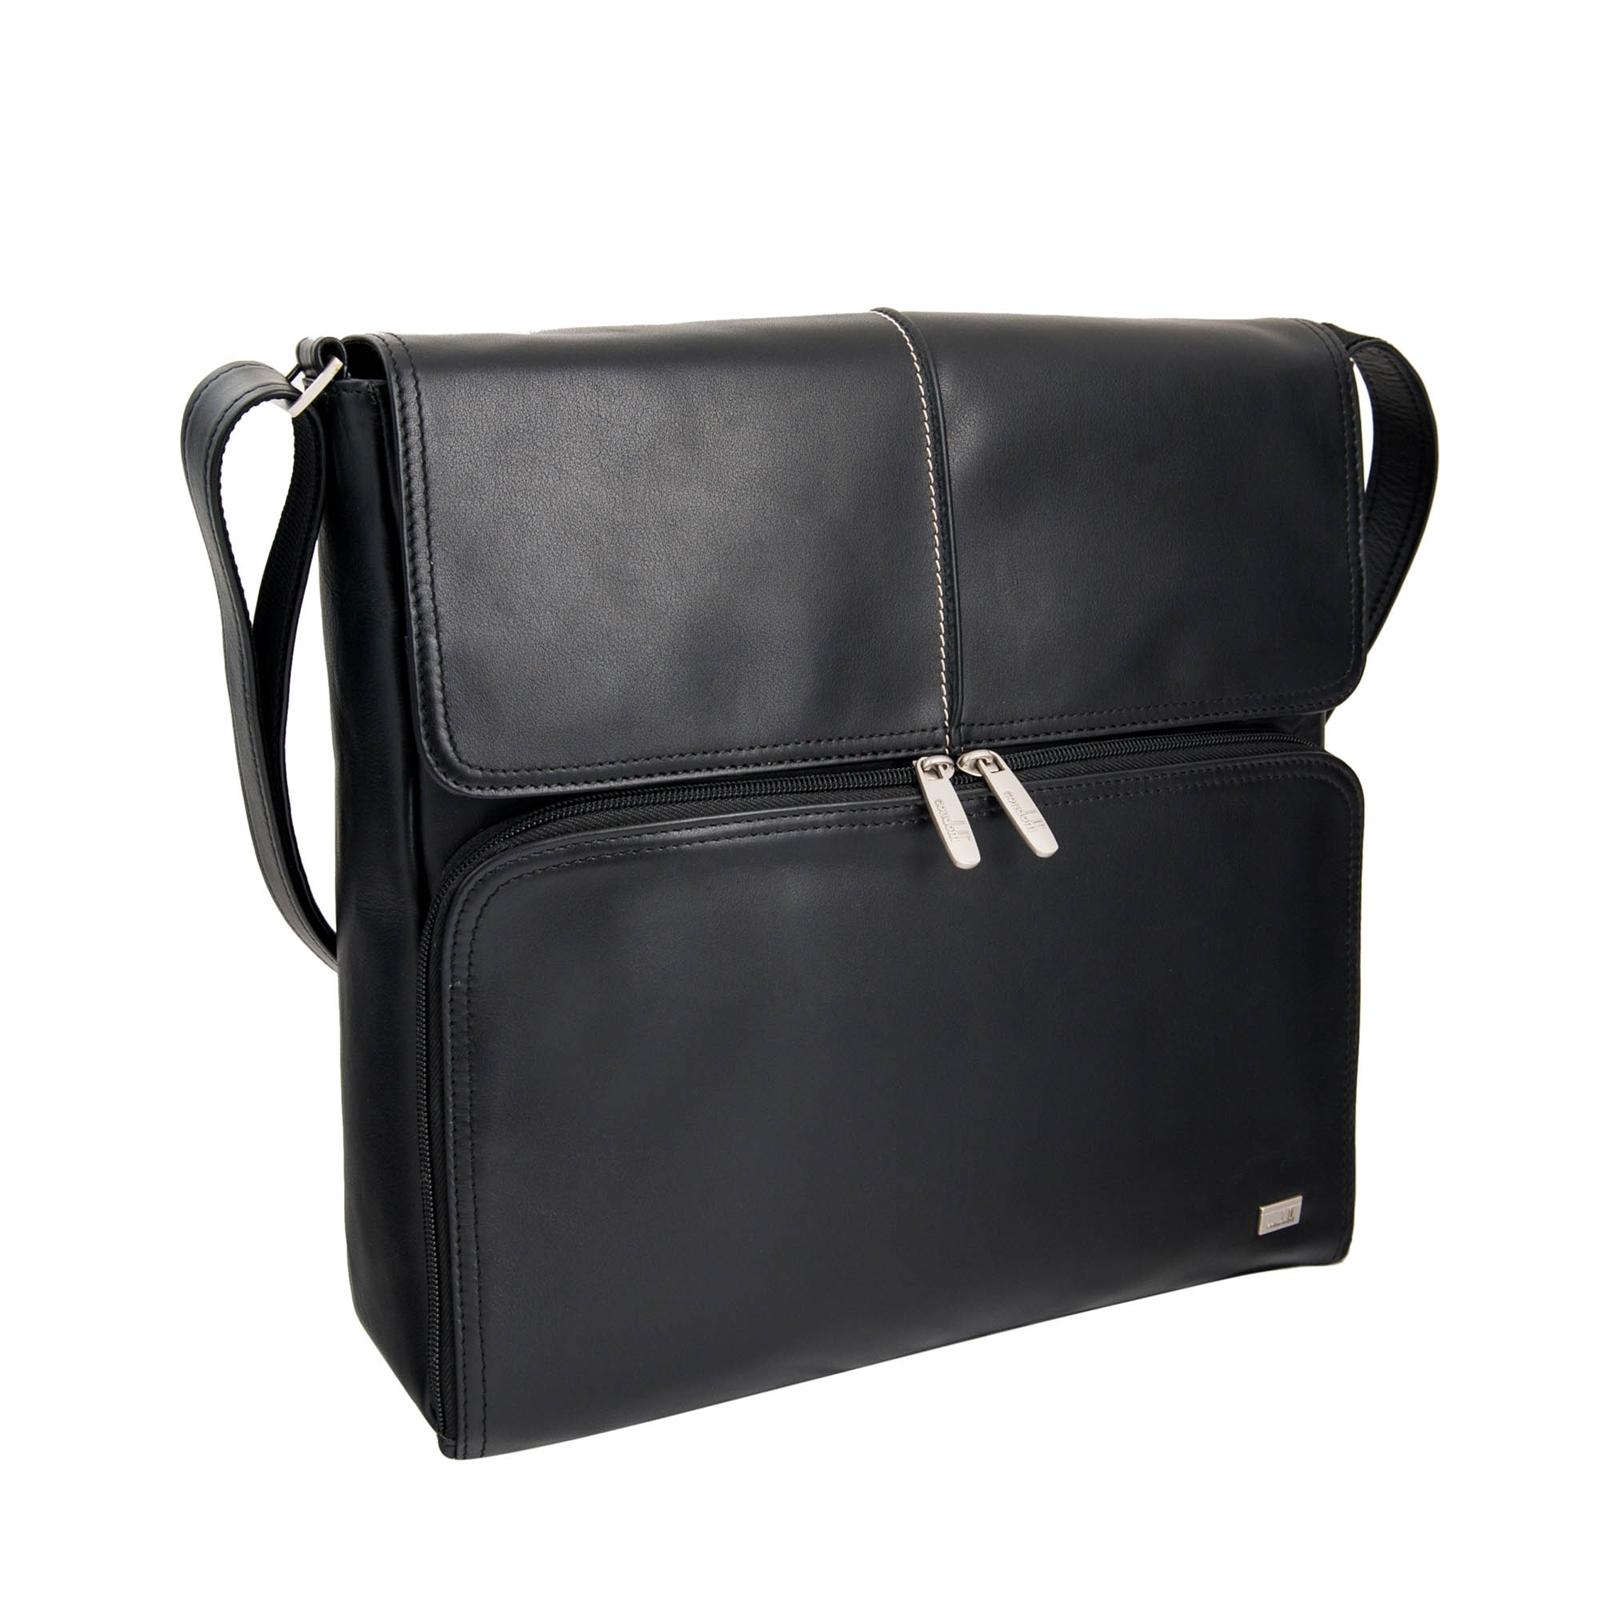 LEATHER SHOULDER BAG- 139-1038N